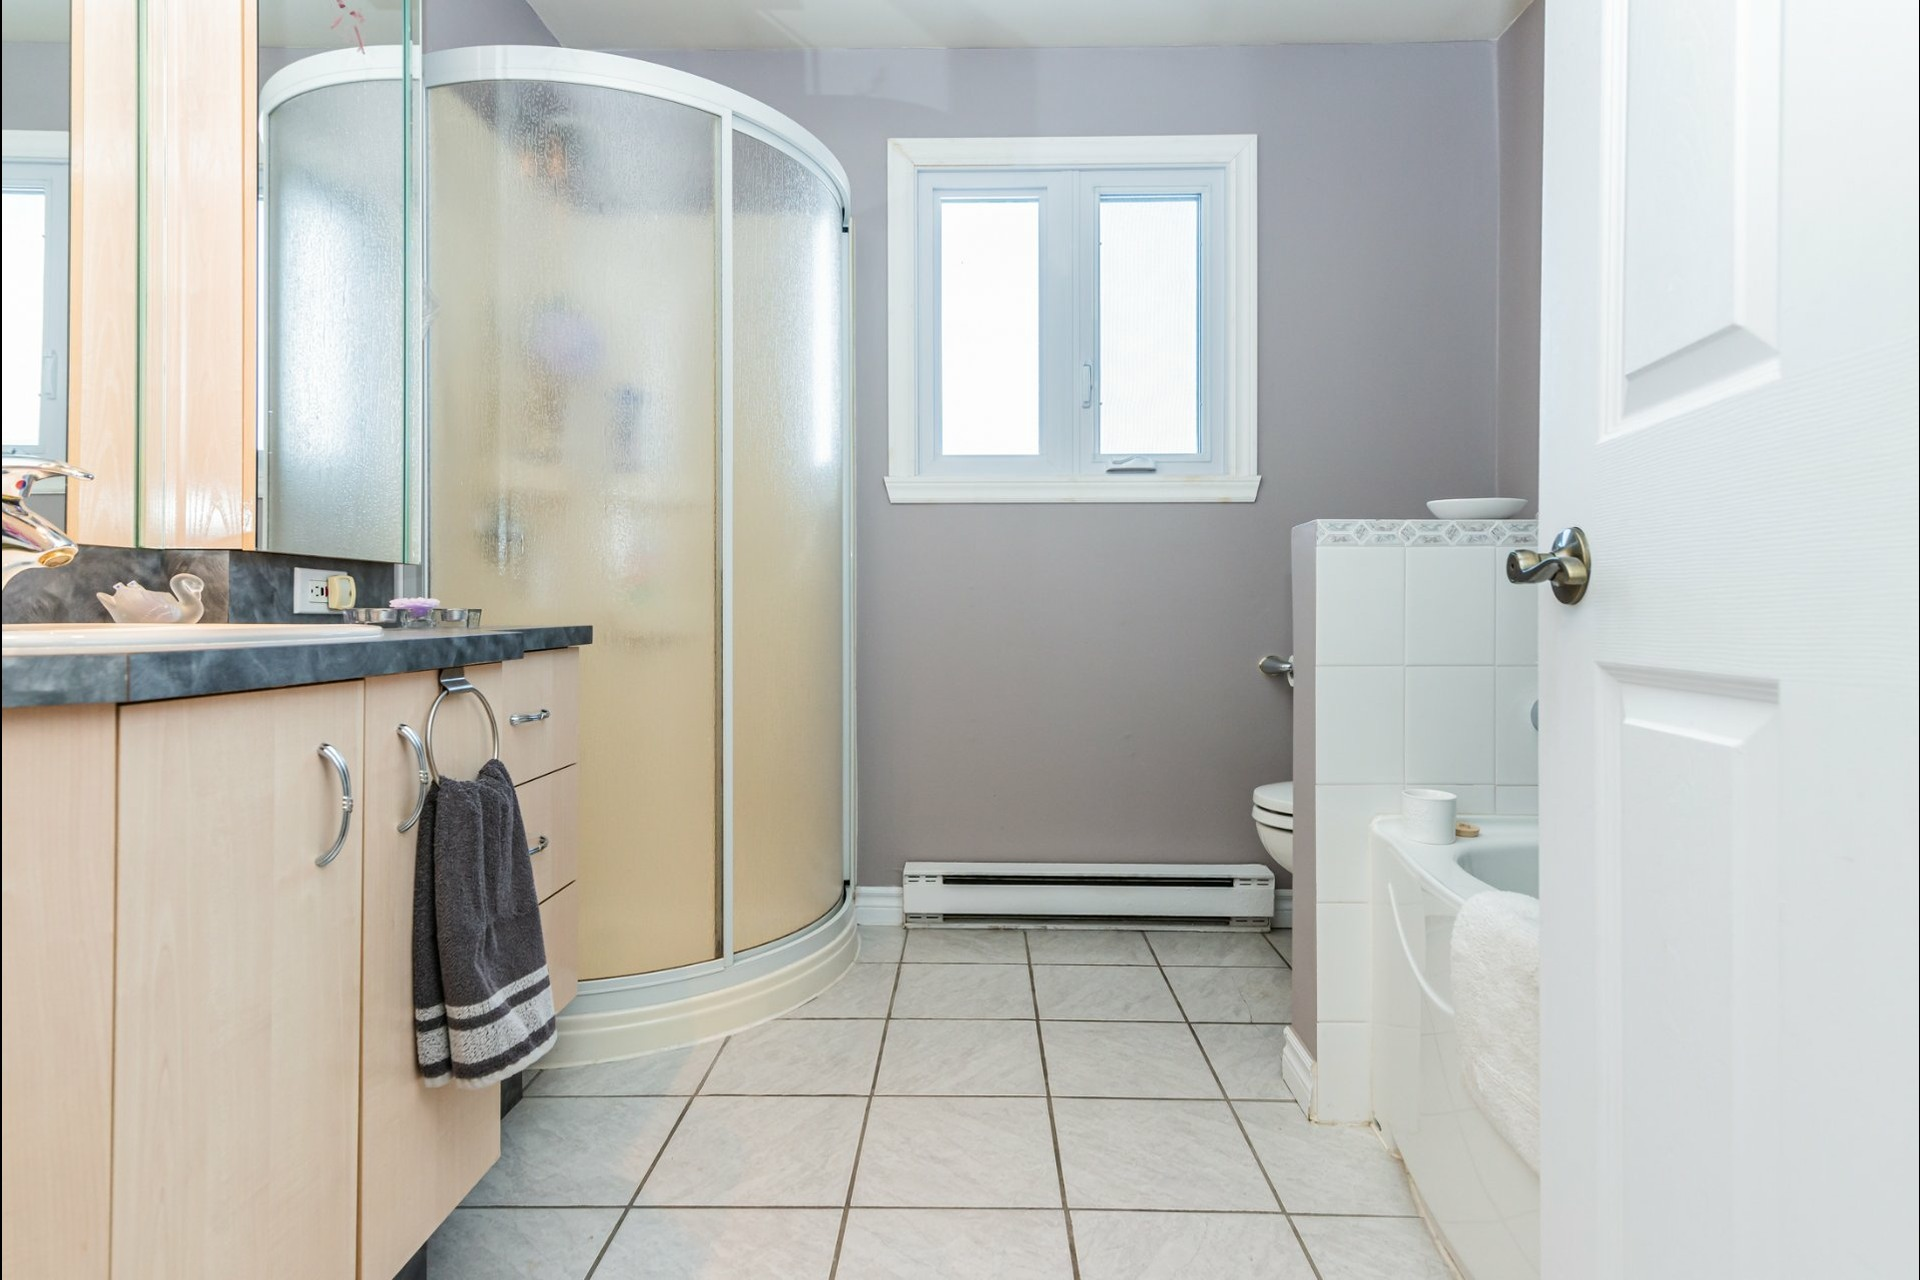 image 8 - House For sale L'Île-Bizard/Sainte-Geneviève Montréal  - 12 rooms